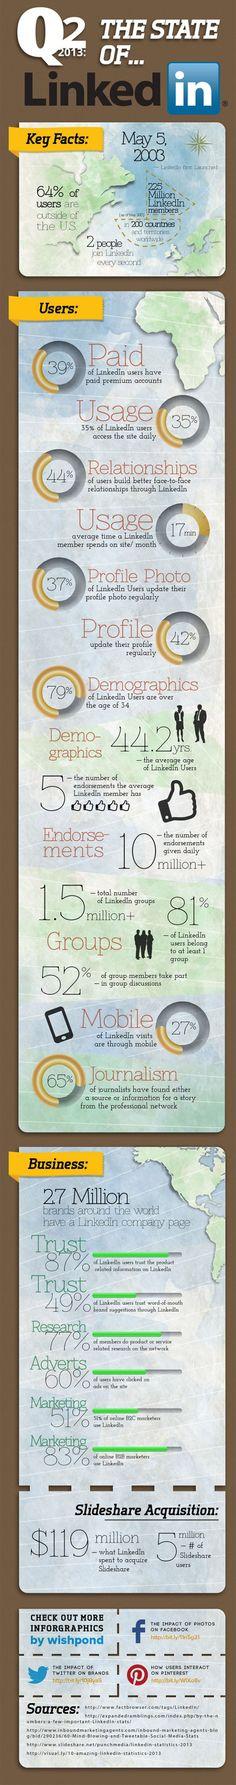 Les derniers chiffres clés de Linkedin - Juillet 2013